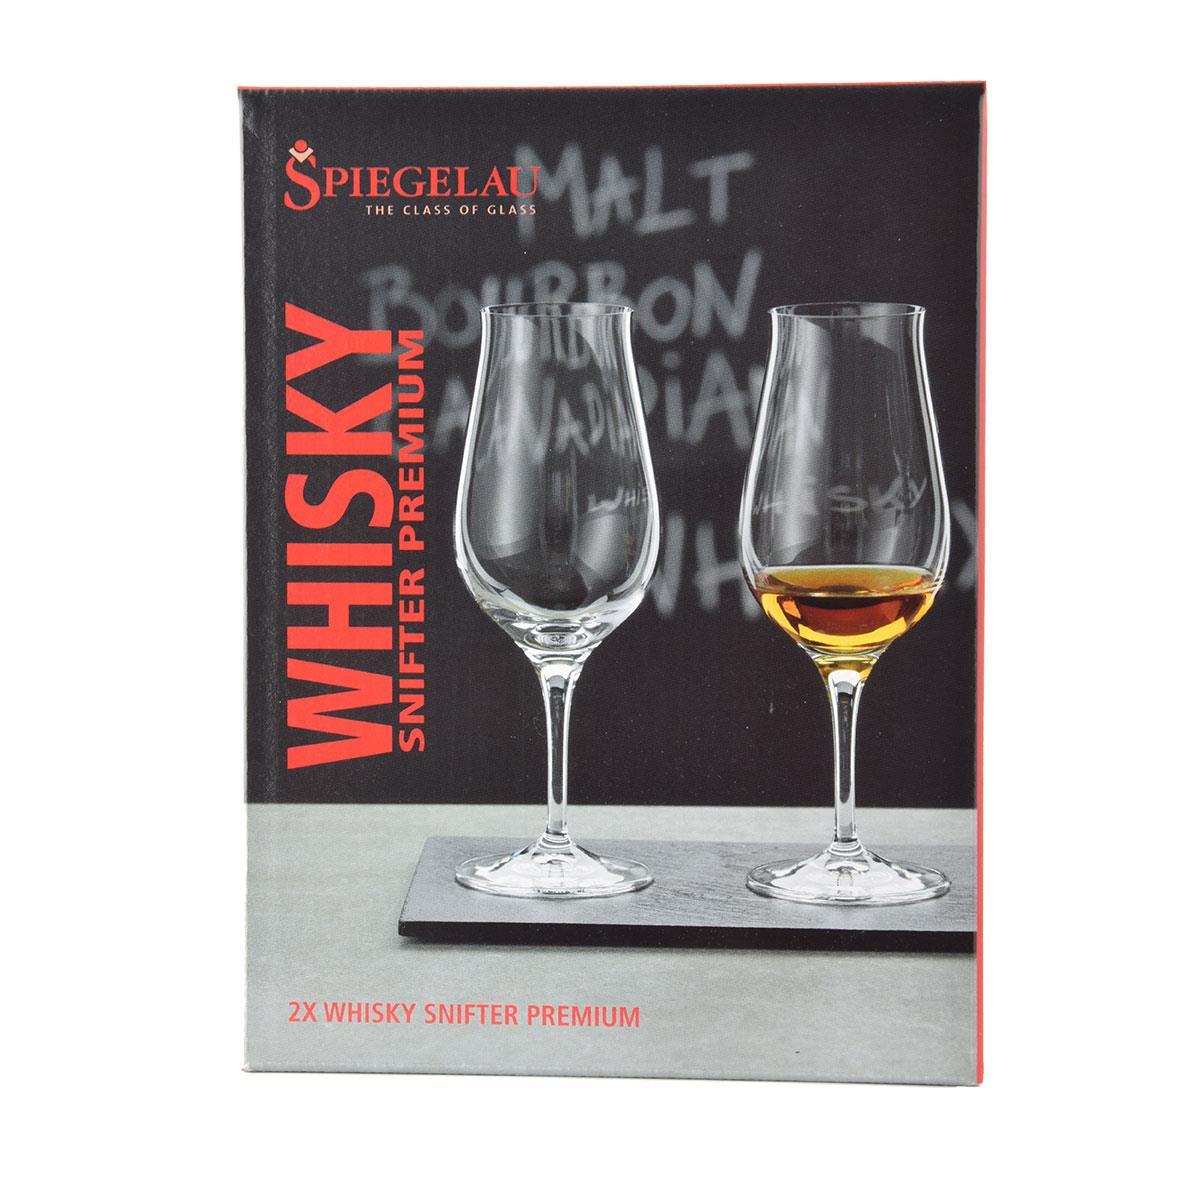 Ποτήρι Spiegelau Malt Whiskey Snifter Premium 2 τεμάχια